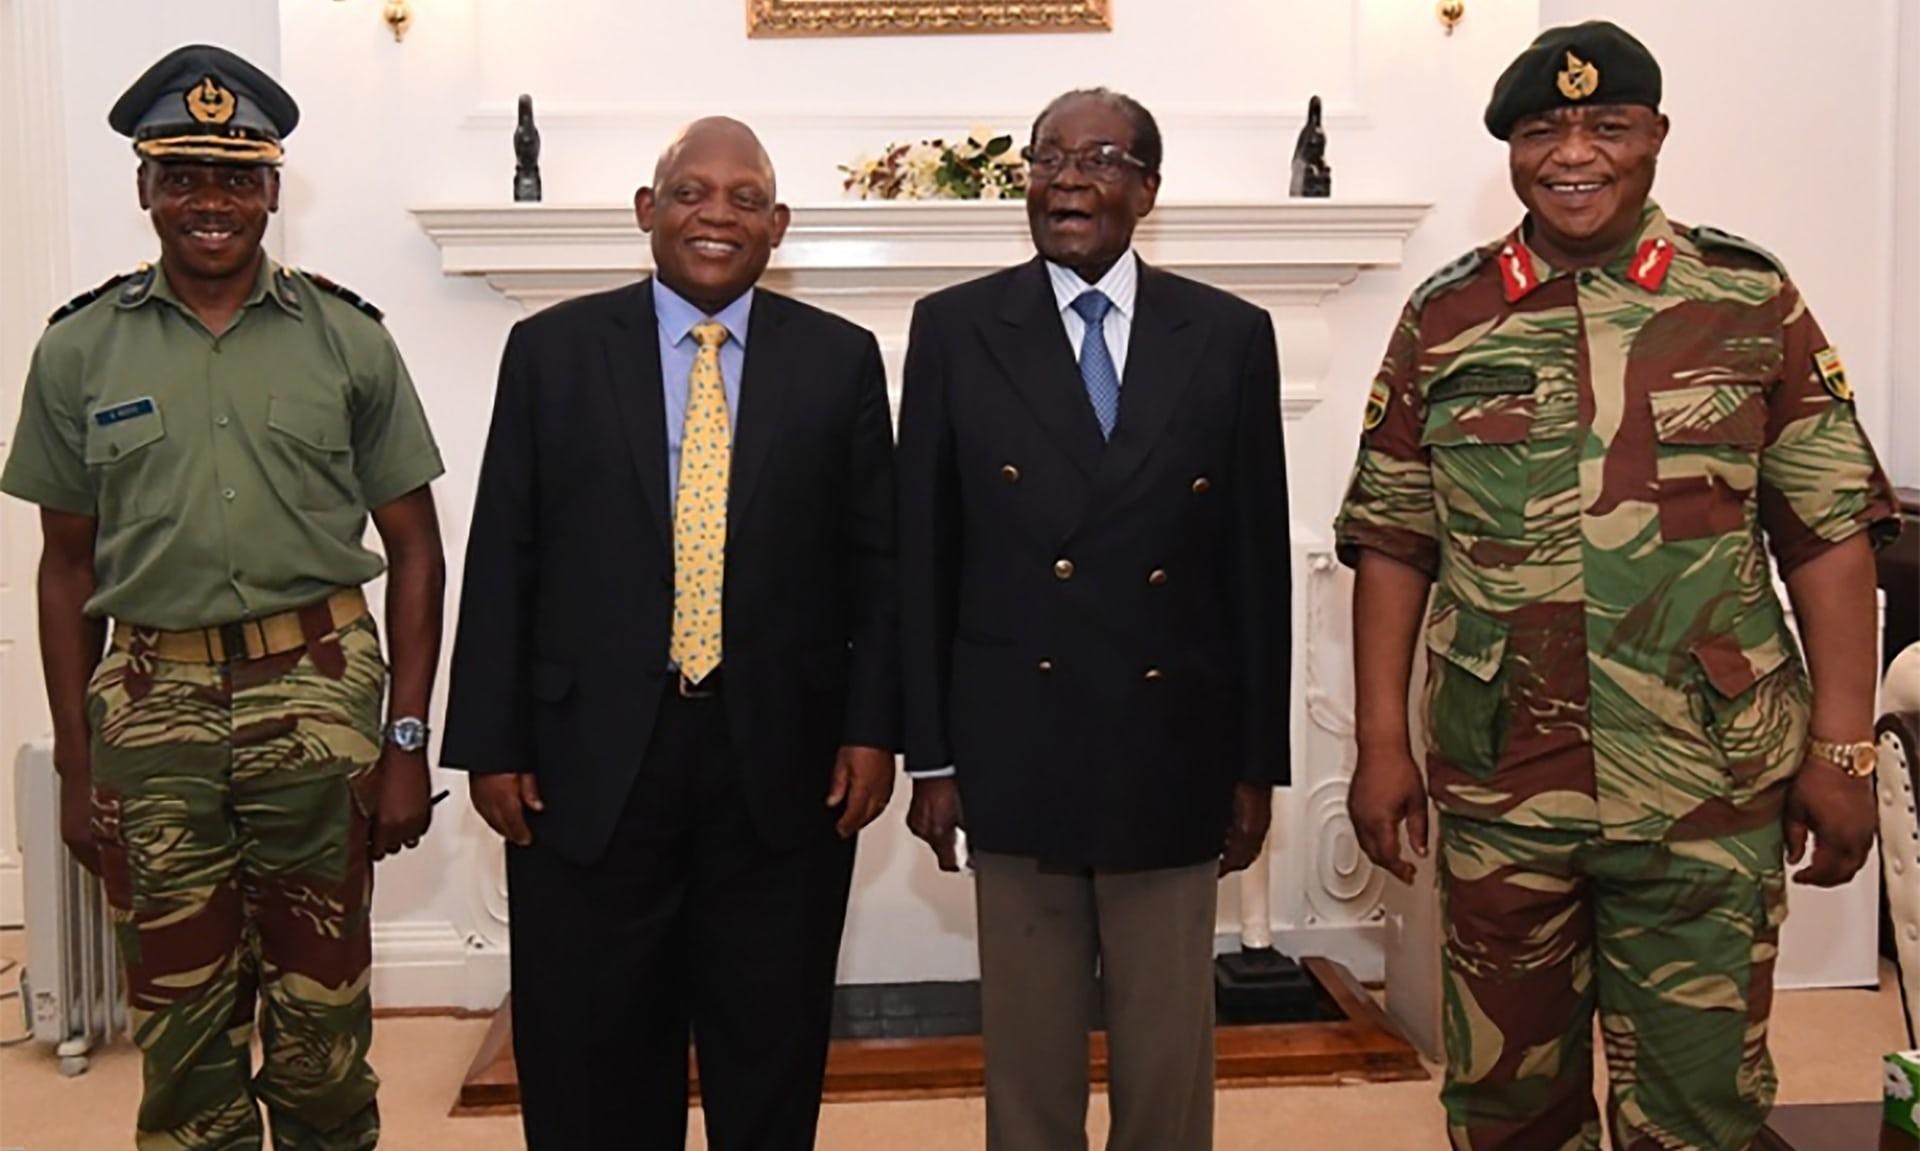 رئيس زيمبابوي يظهر علنا لأول مرة منذ الانقلاب1